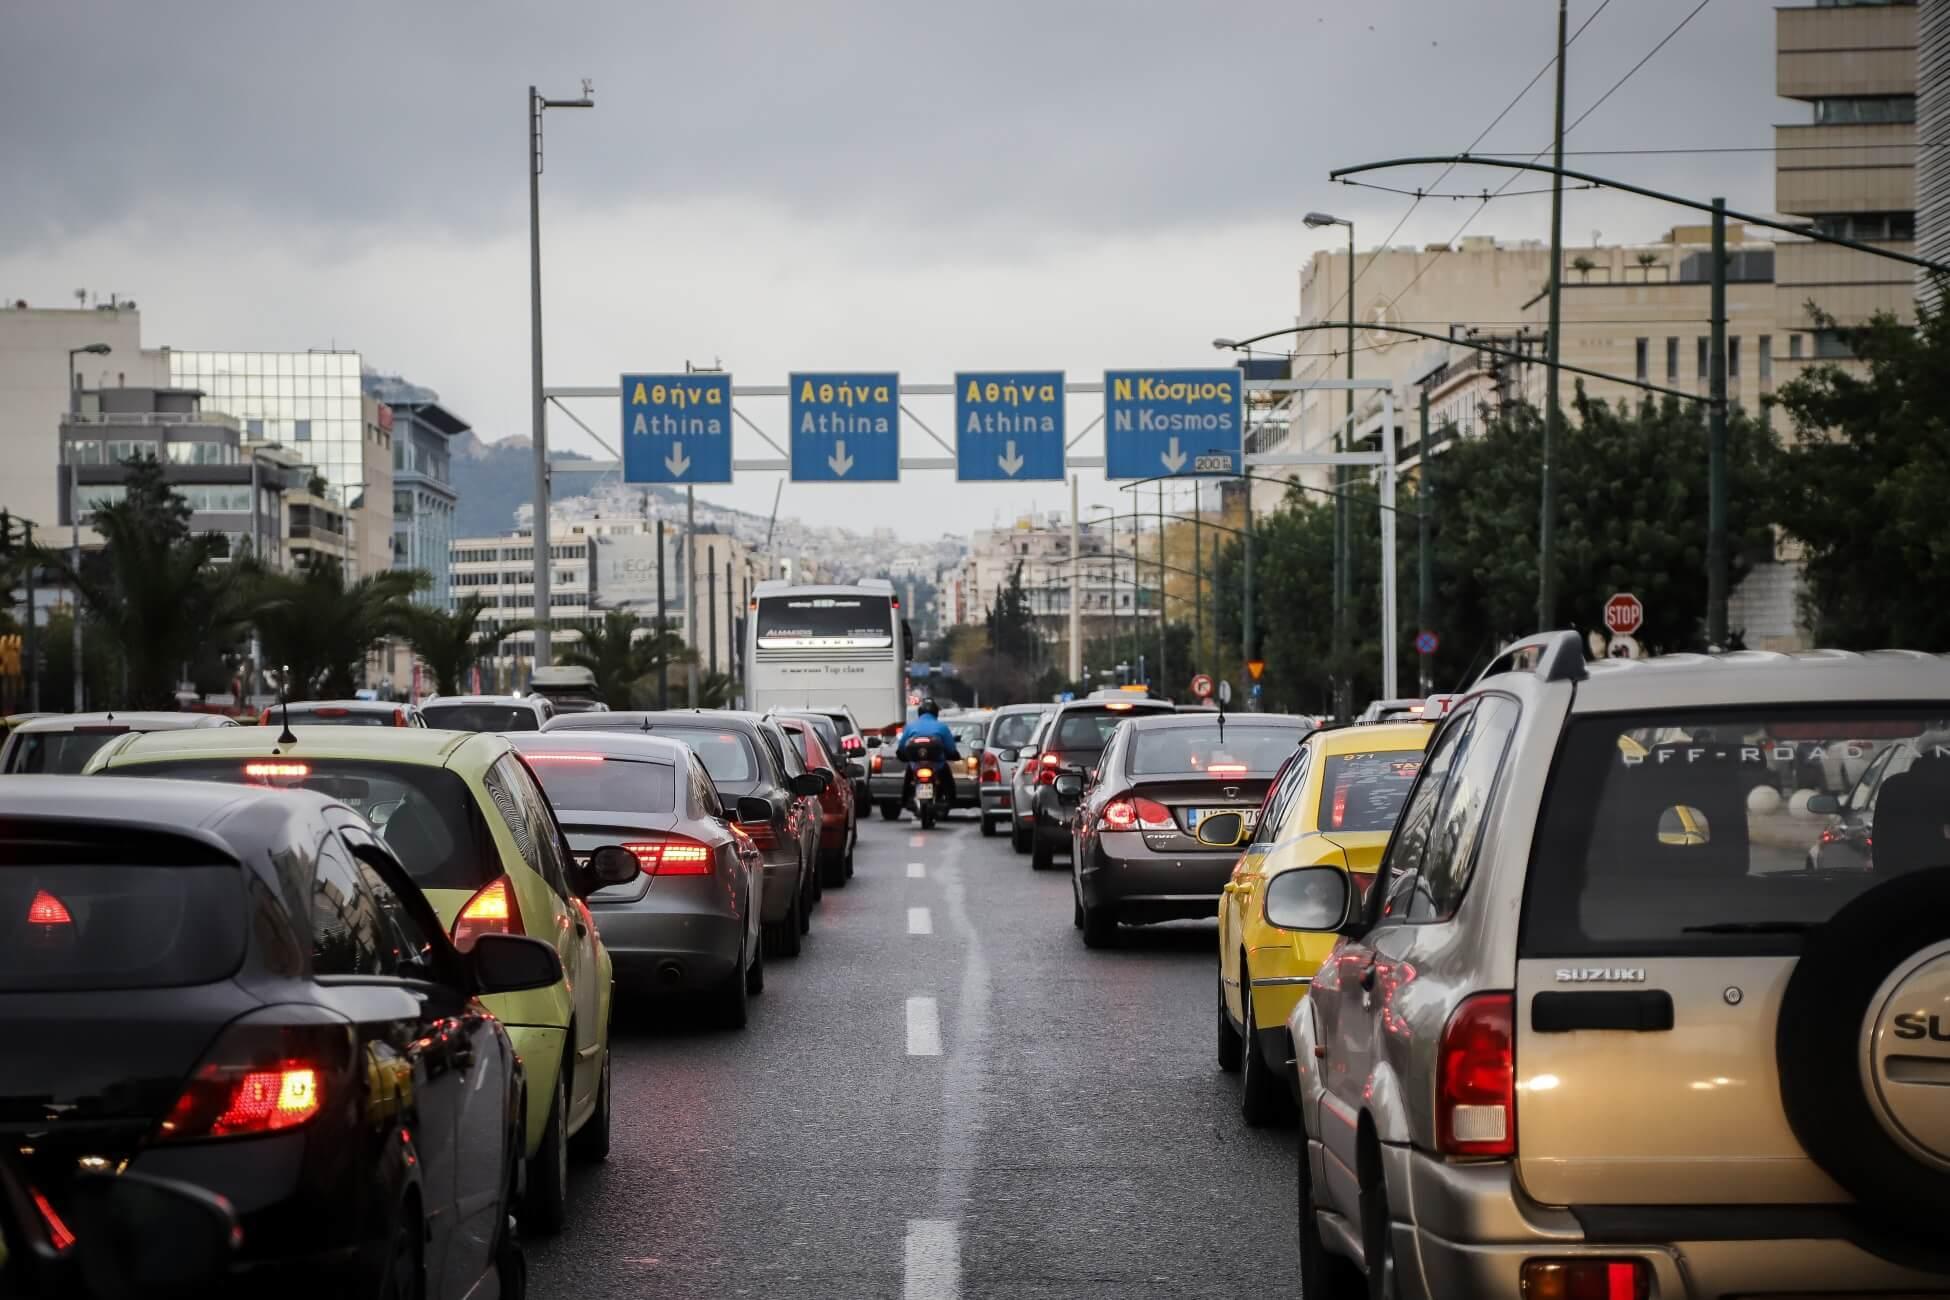 Προσοχή: Δρόμοι κλειστοί σήμερα (05/03) στο κέντρο της Αθήνας από συγκεντρώσεις